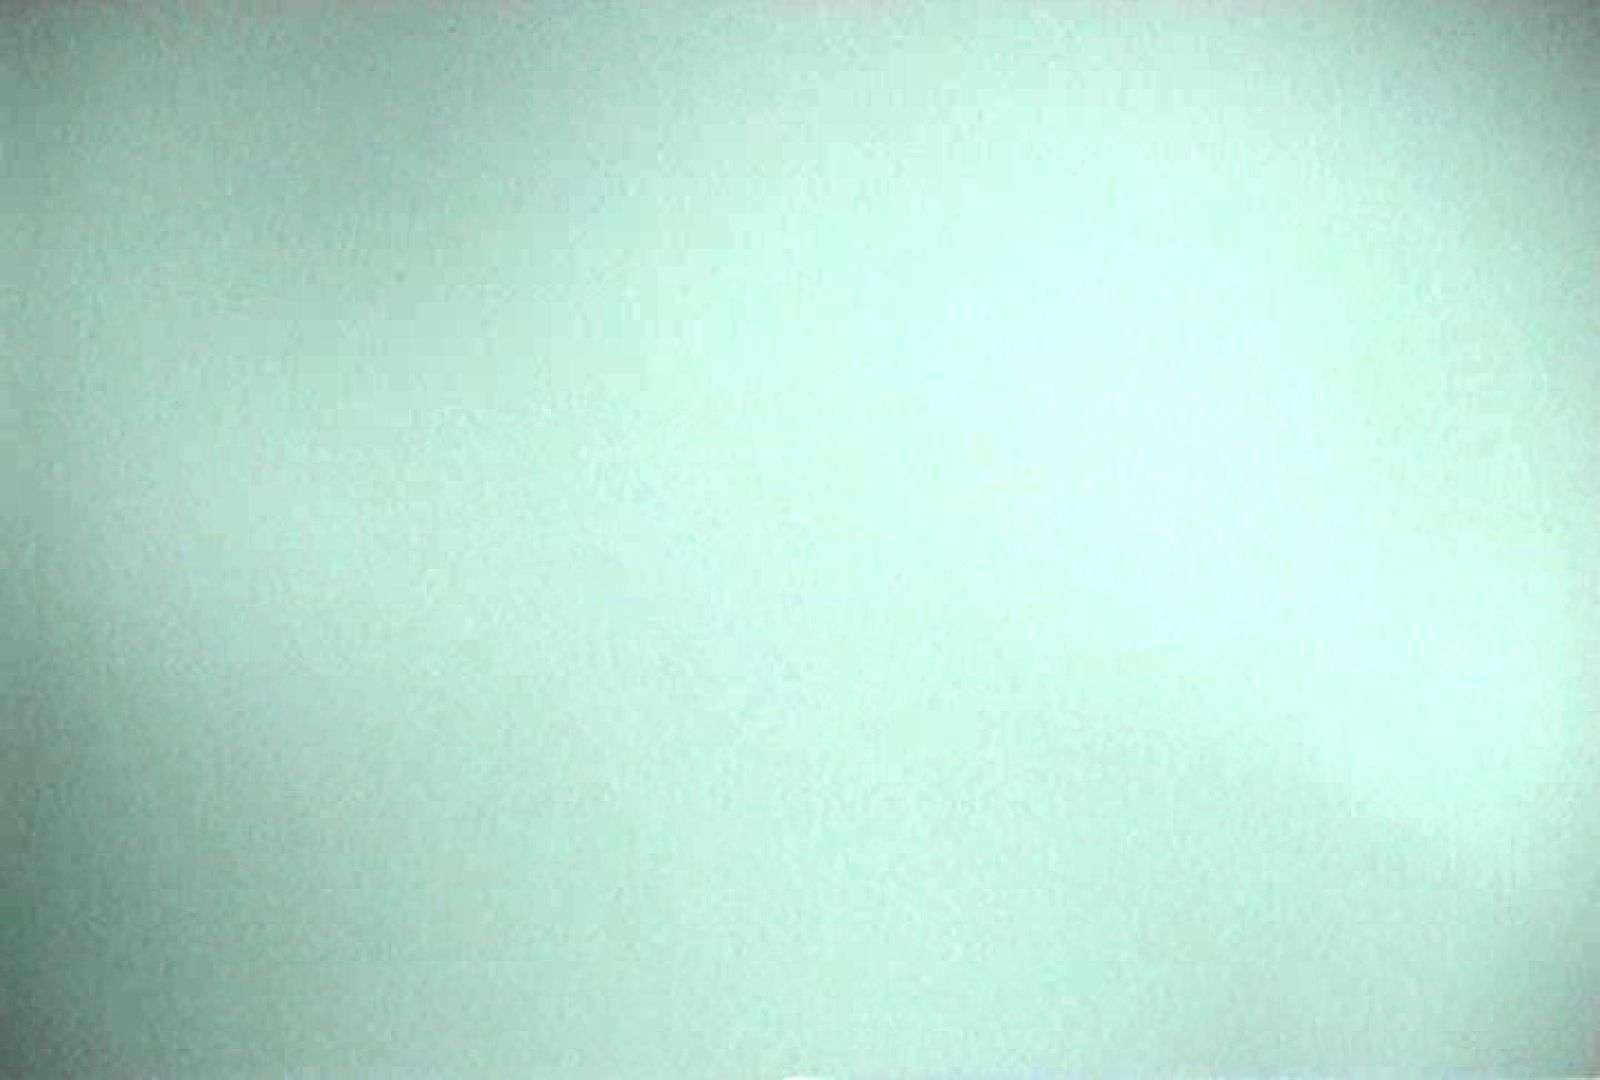 「充血監督」さんの深夜の運動会!! vol.052 カップル  61画像 56